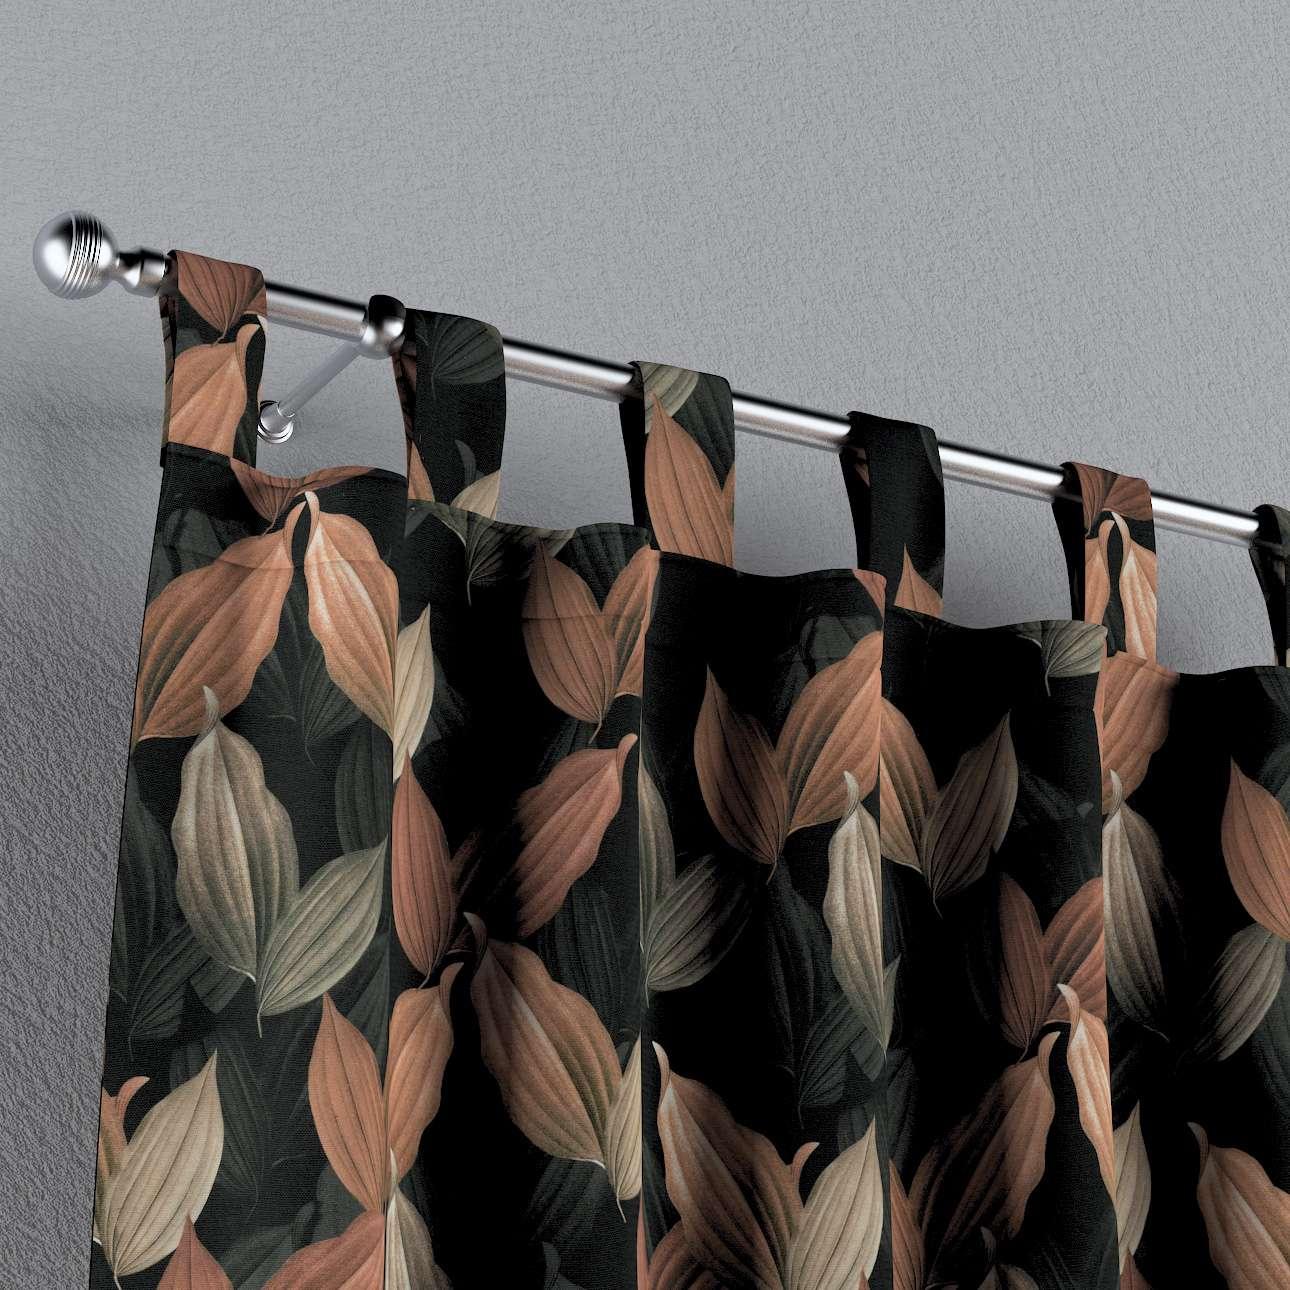 Zasłona na szelkach 1 szt. w kolekcji Abigail, tkanina: 143-21